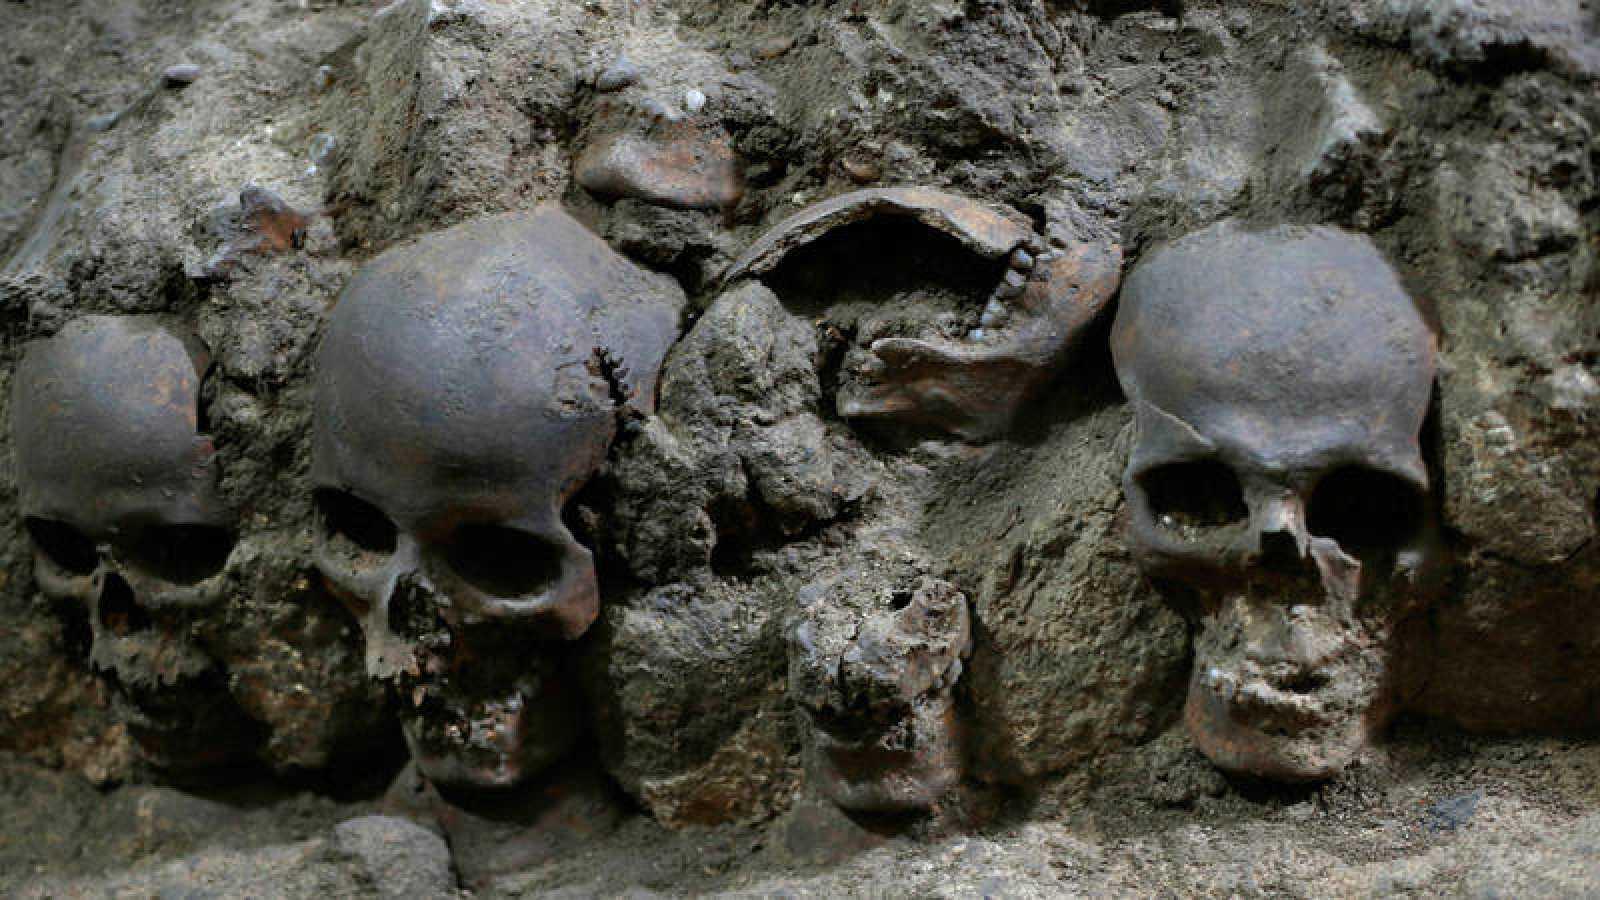 ¡Nuevo hallazgo arqueológico! Encuentran 119 cráneos debajo del centro histórico en Ciudad de México